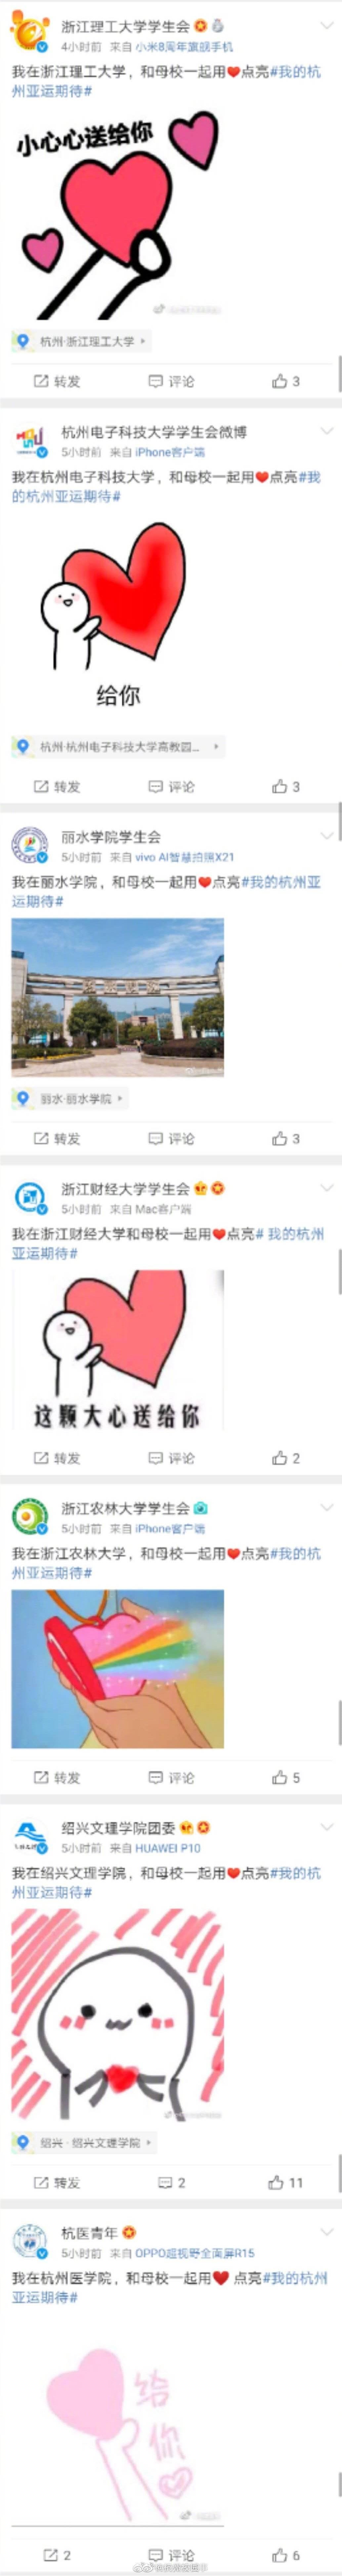 震撼!浙江各大高校学生会万名大学生集体表白杭州亚运会